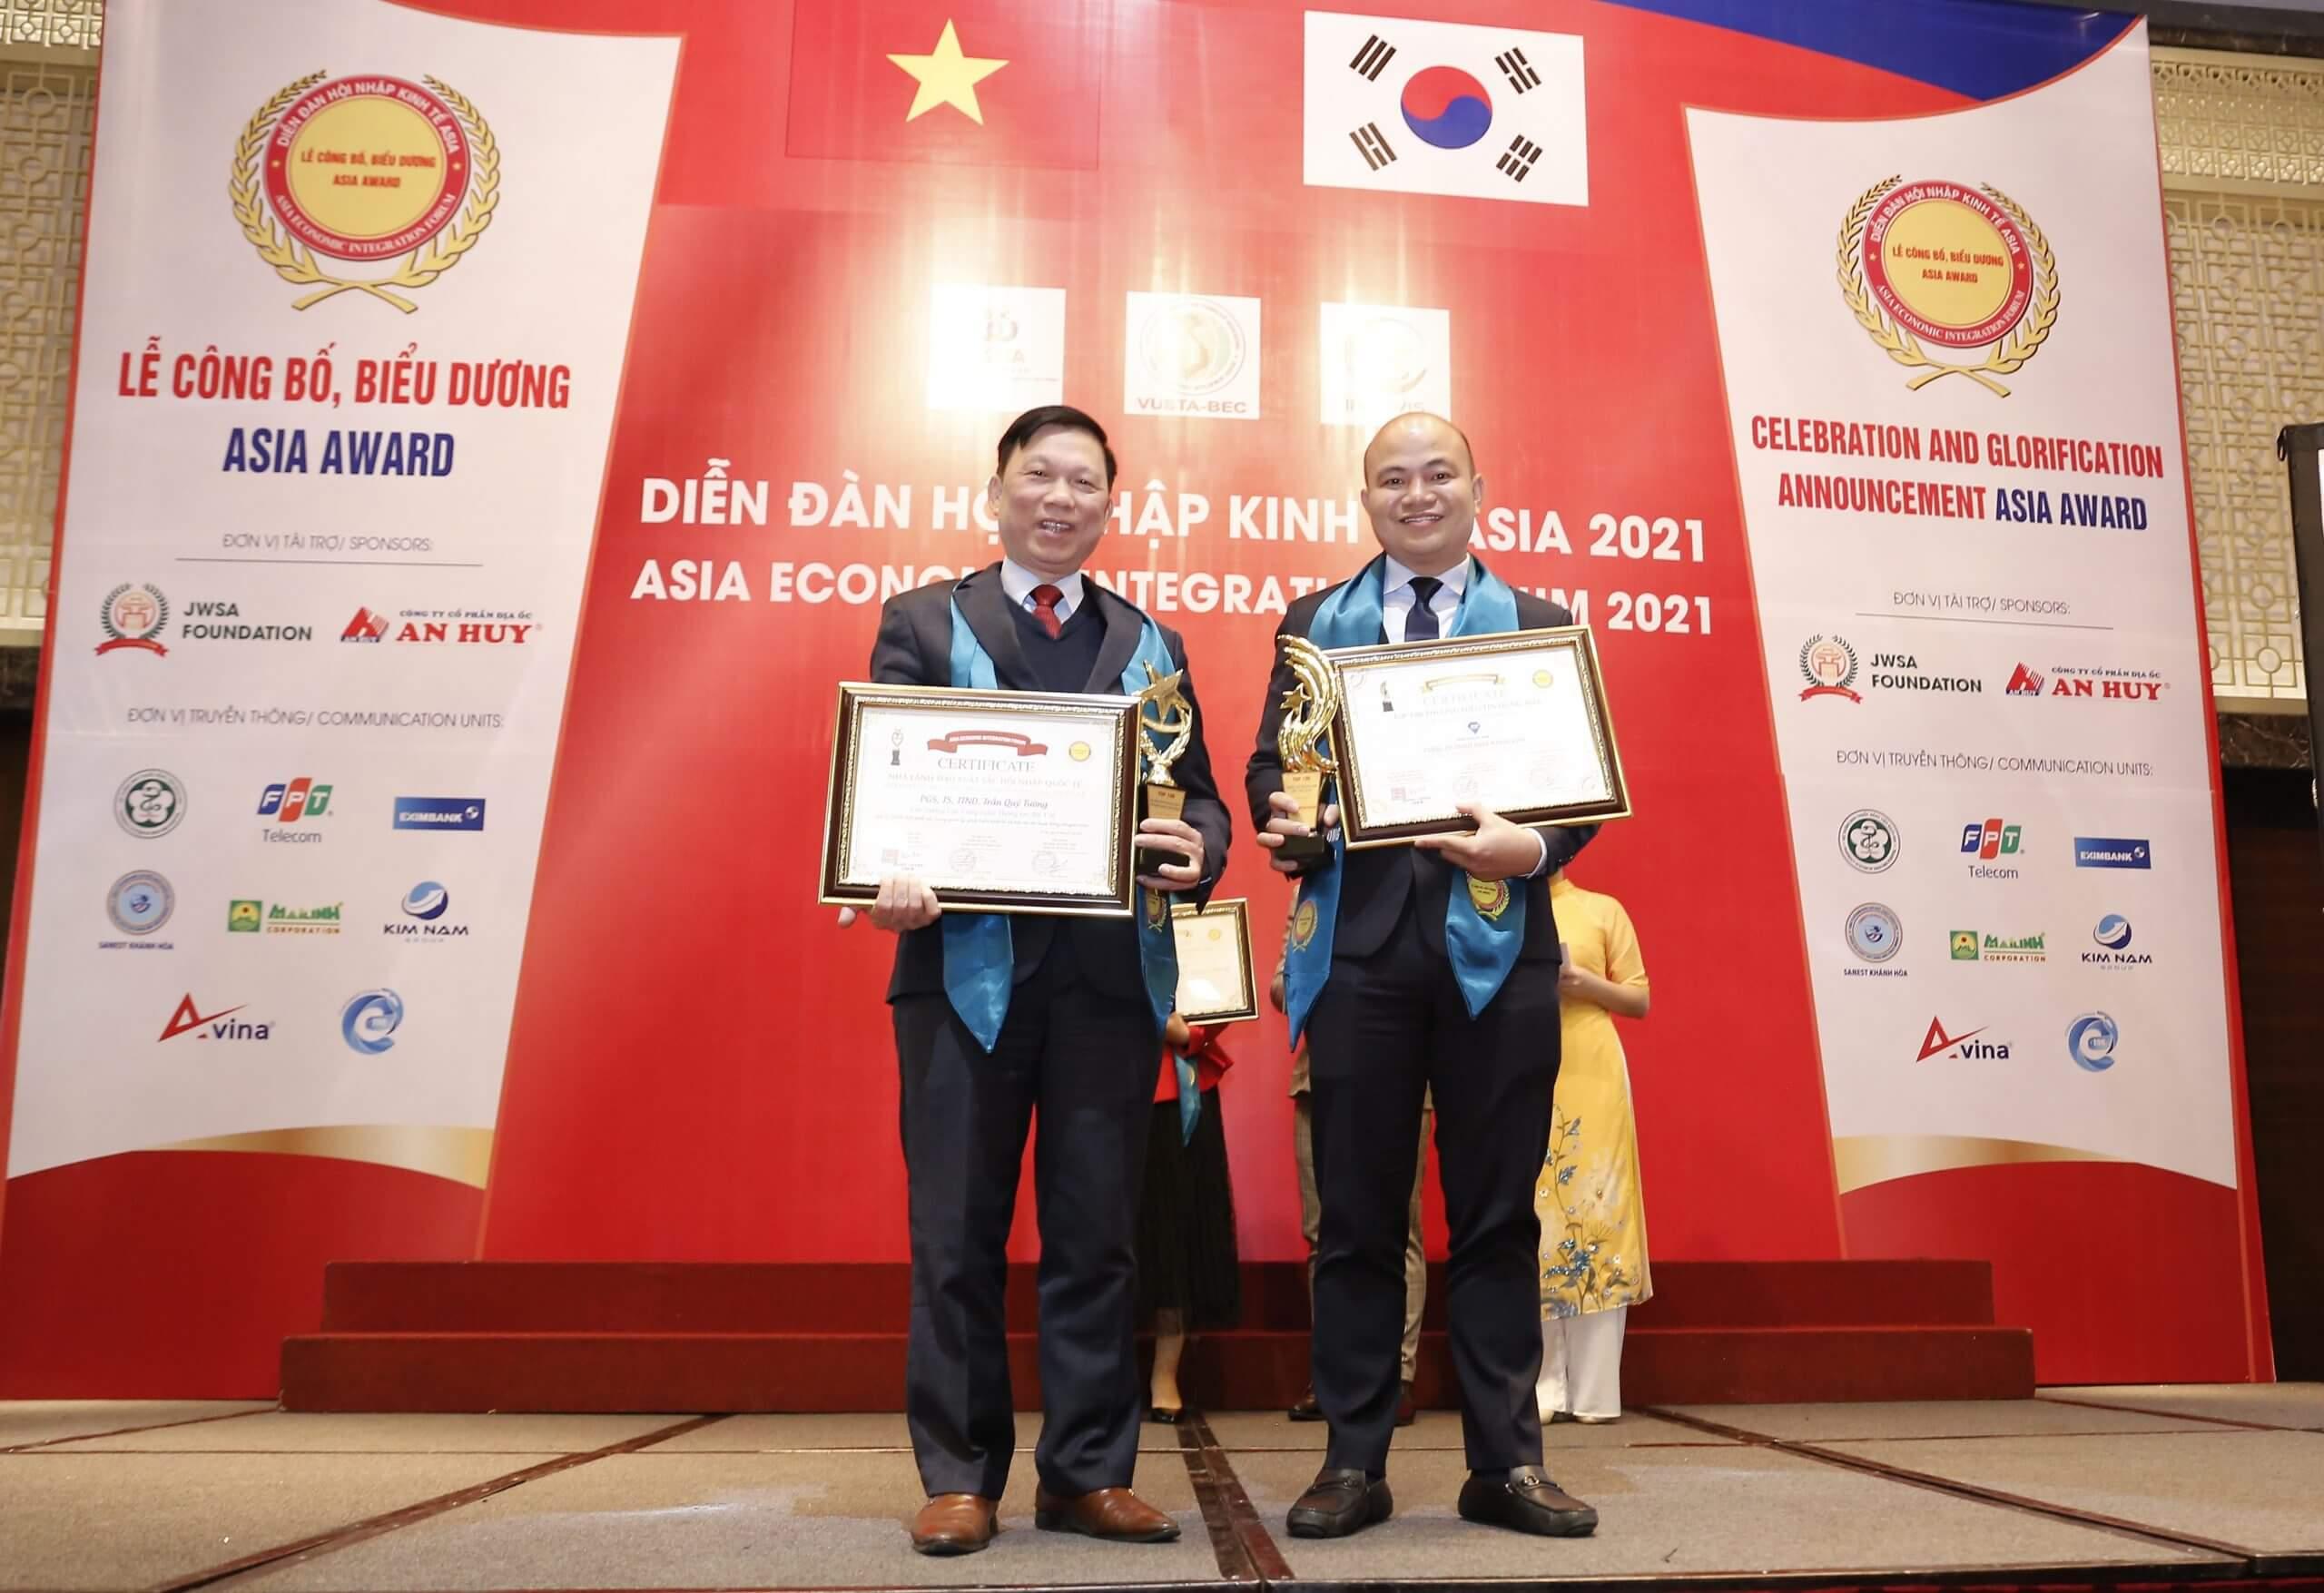 Nha Khoa Kim nhận giải thưởng